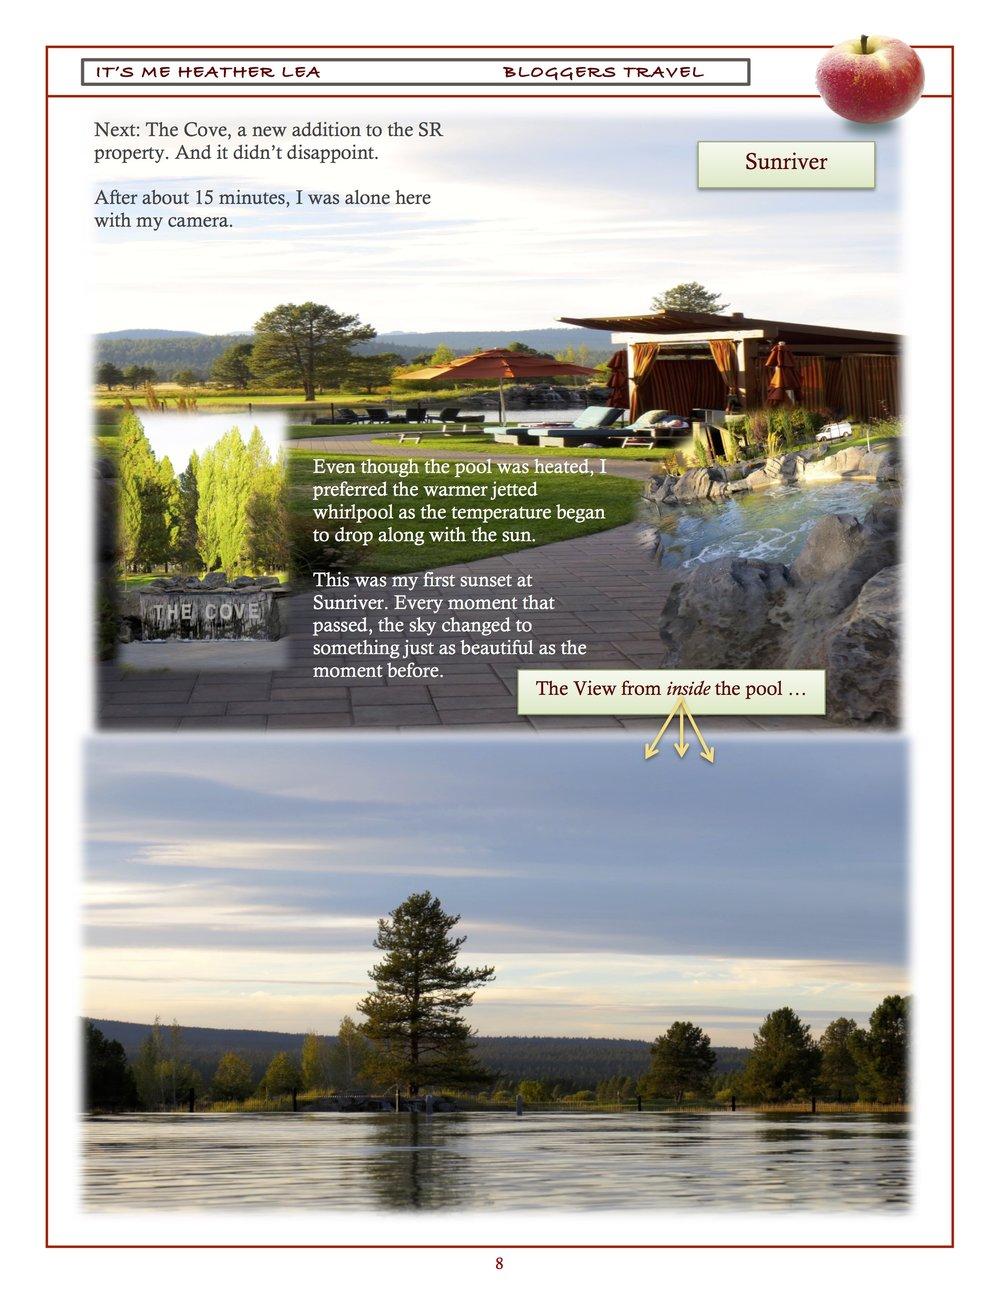 CO Trip Newsletter Revised 8.jpg